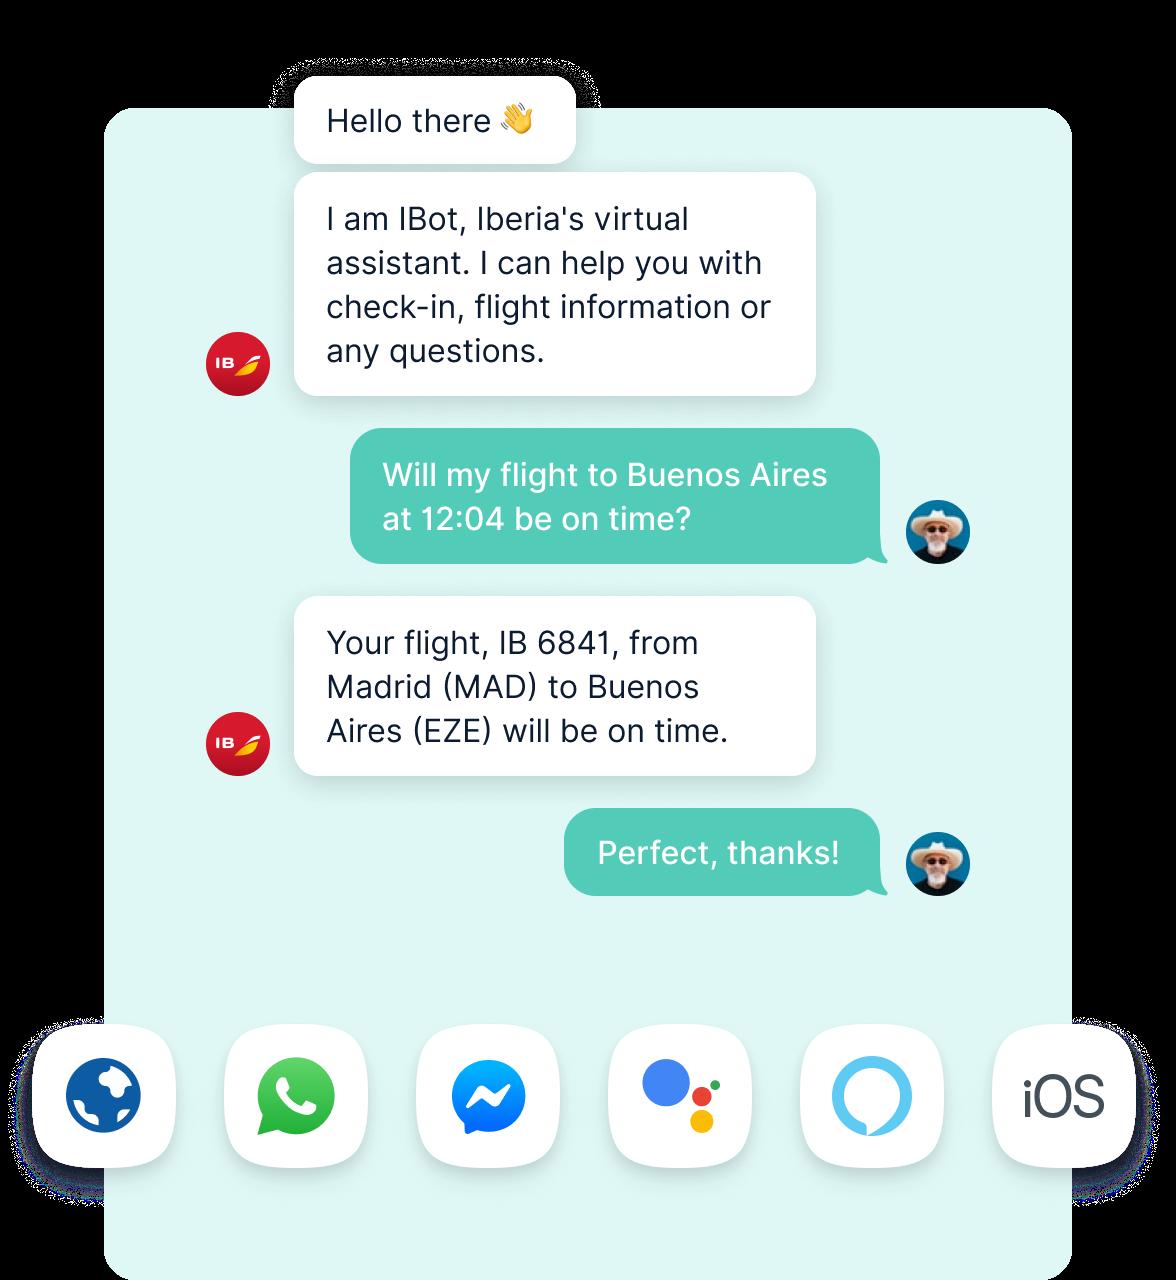 Chatbot Providing Flight Information